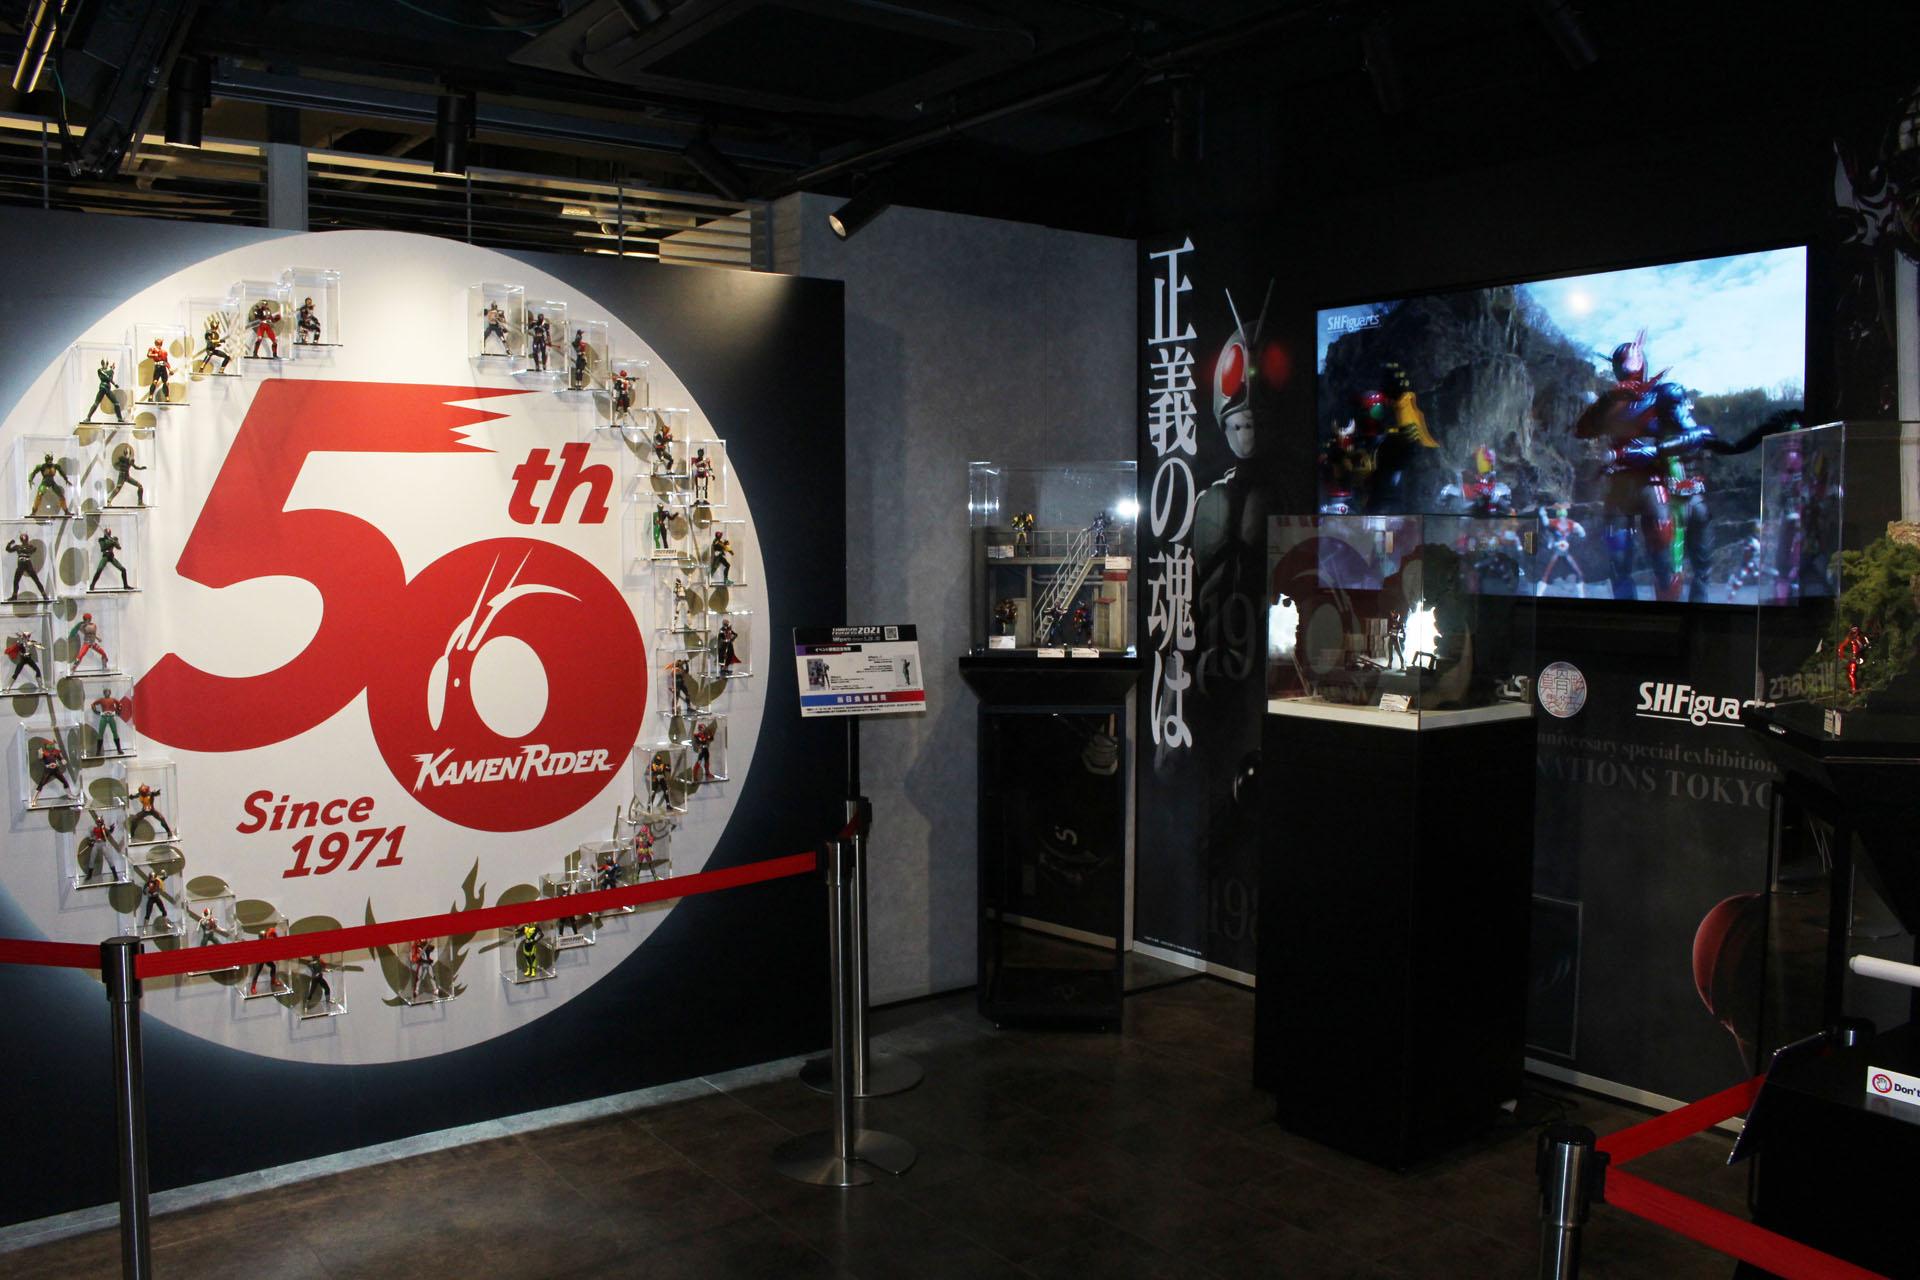 「仮面ライダー生誕50周年特集展示 in TNT」は地下1階にて開催中。記念映像の上映も行われている